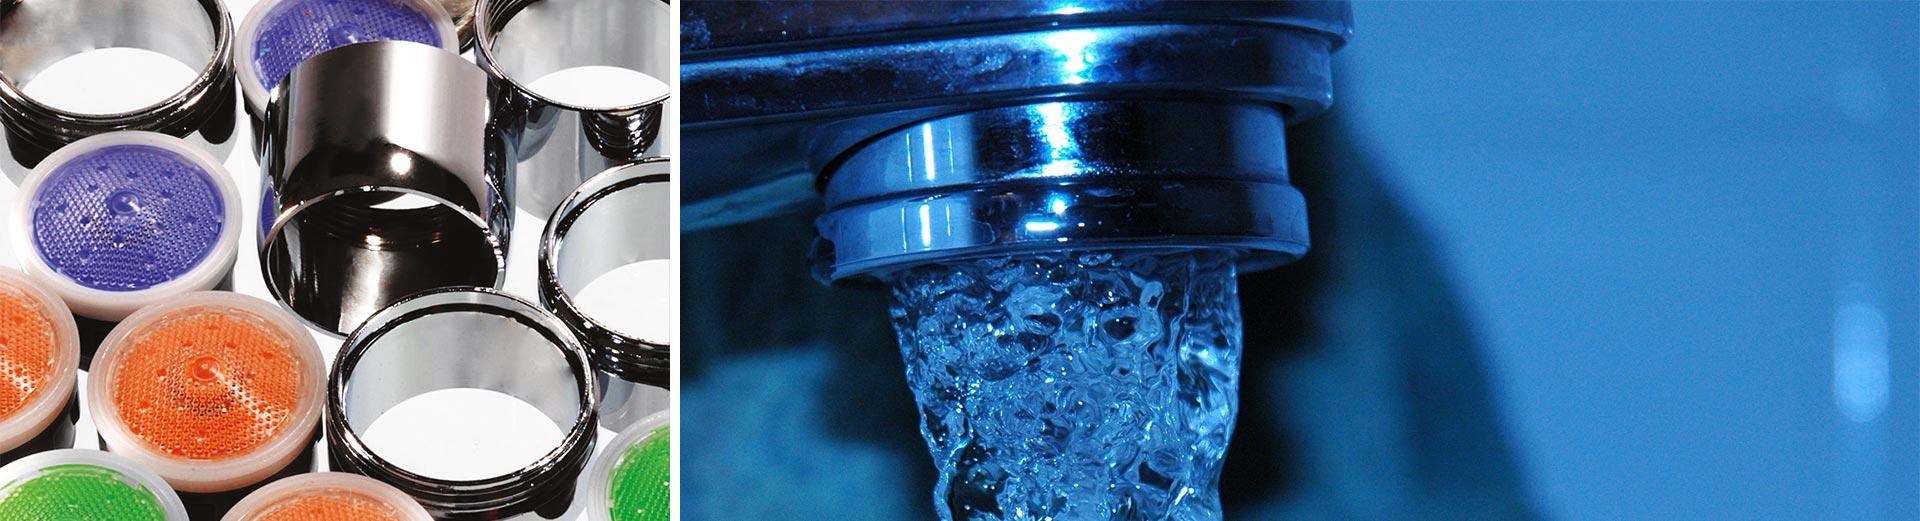 kit de régulation de débit d'eau